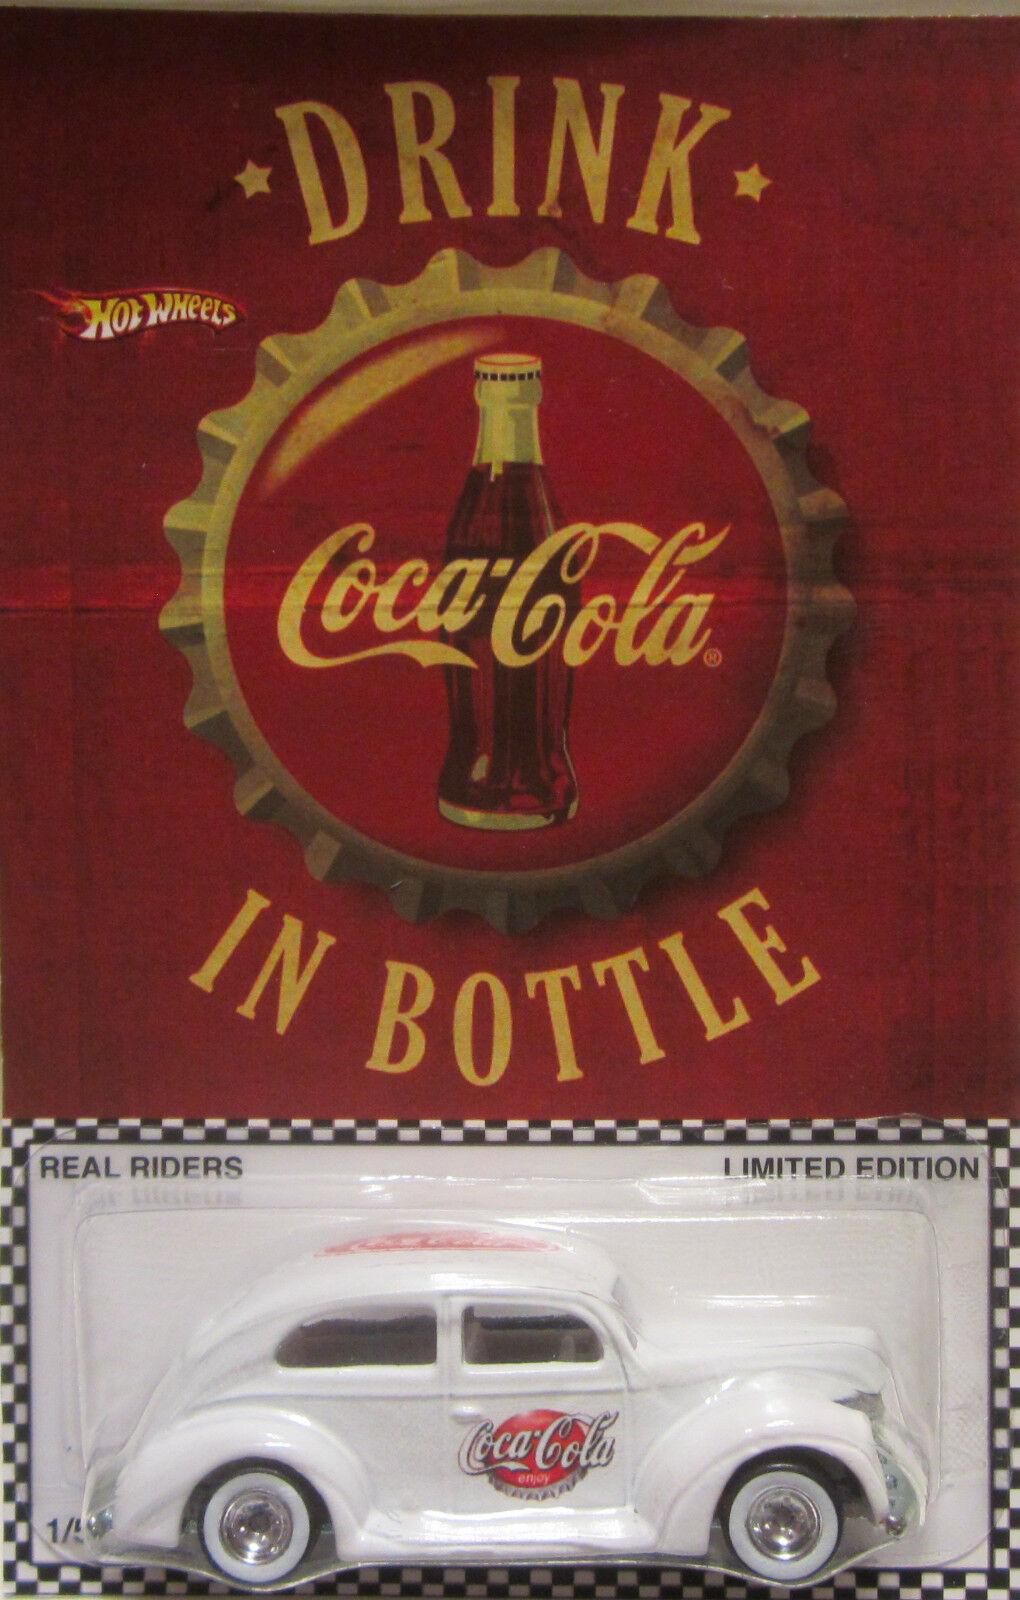 Hot Wheels Personnalisé Graisse Abaissée '40 Coca-Cola Real Riders Limité 1 5